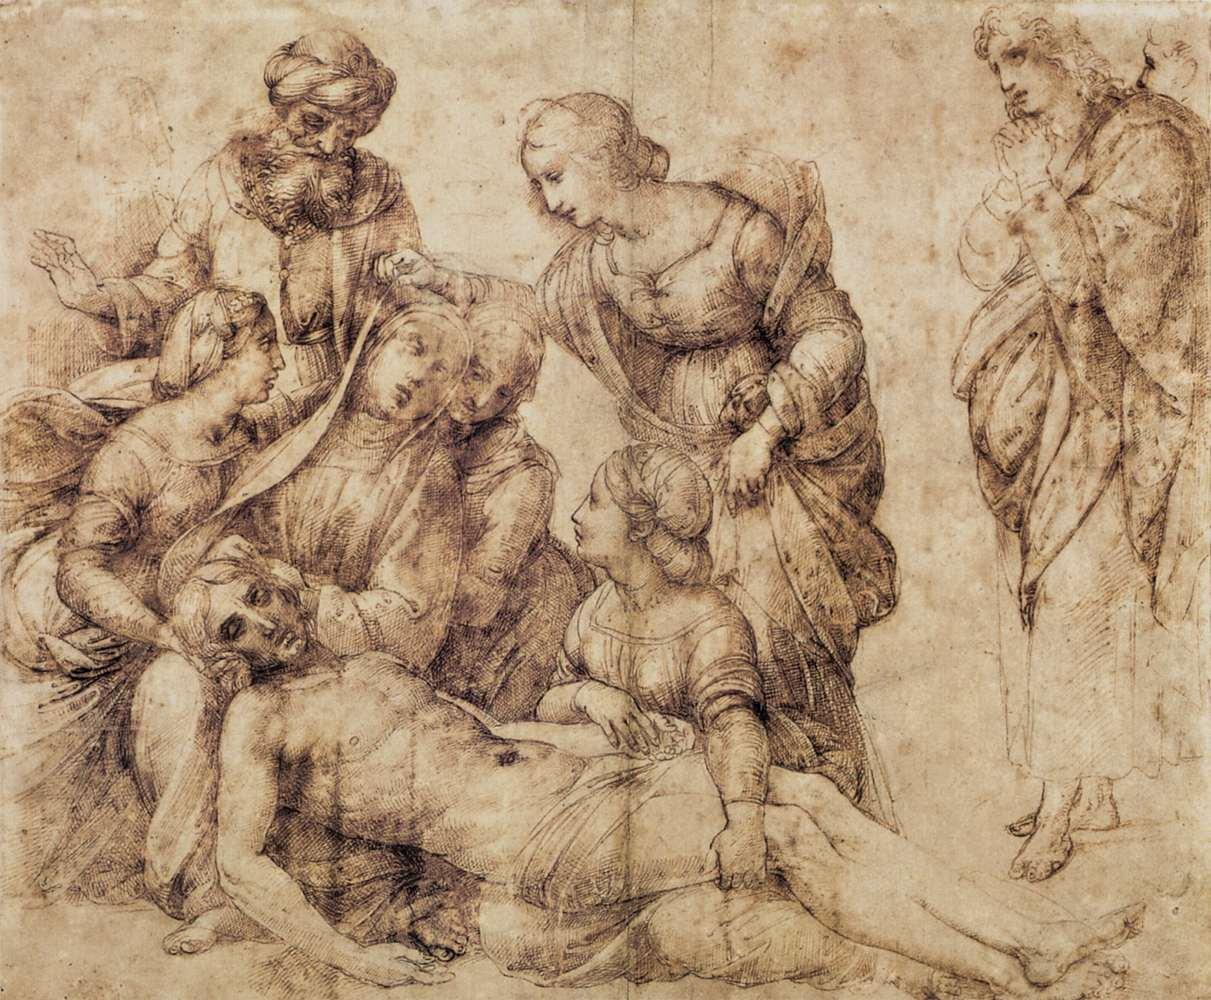 Raffaello, Studio per la Deposizione Baglioni (1505-1506; penna, inchiostro e carboncino su carta, 334 x 397 mm; Parigi, Louvre)